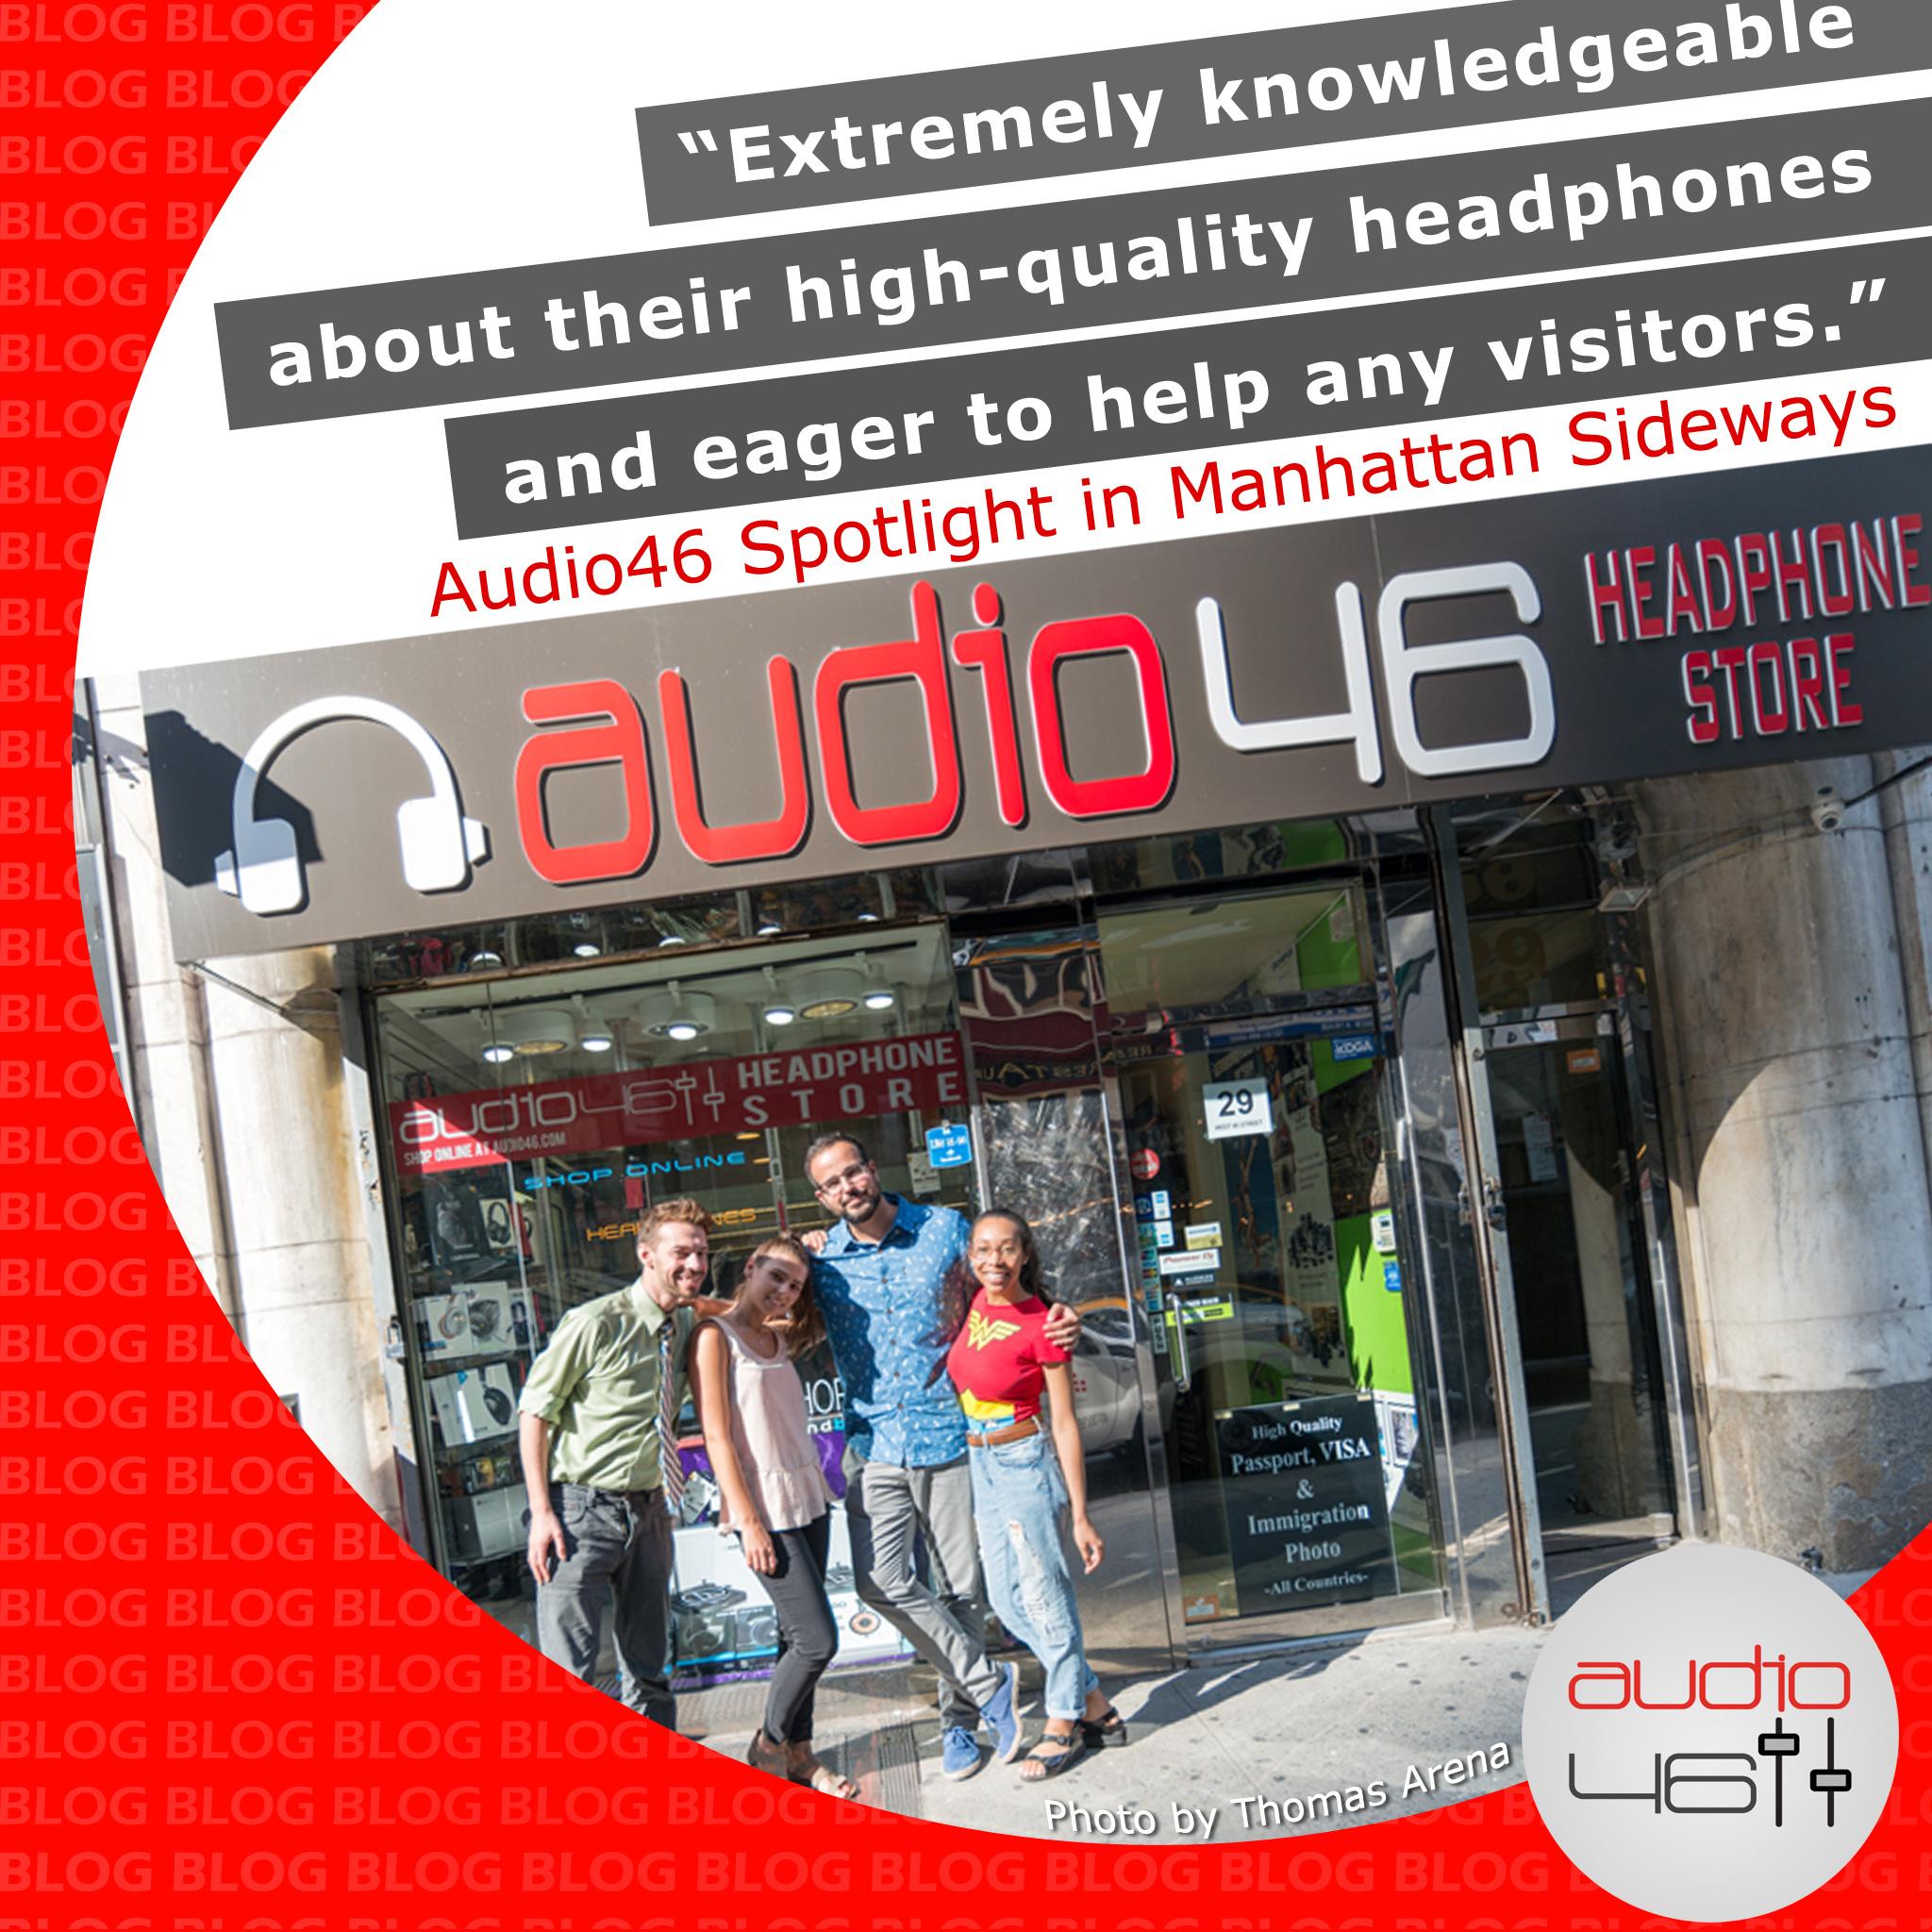 Audio46 Spotlight in Manhattan Sideways